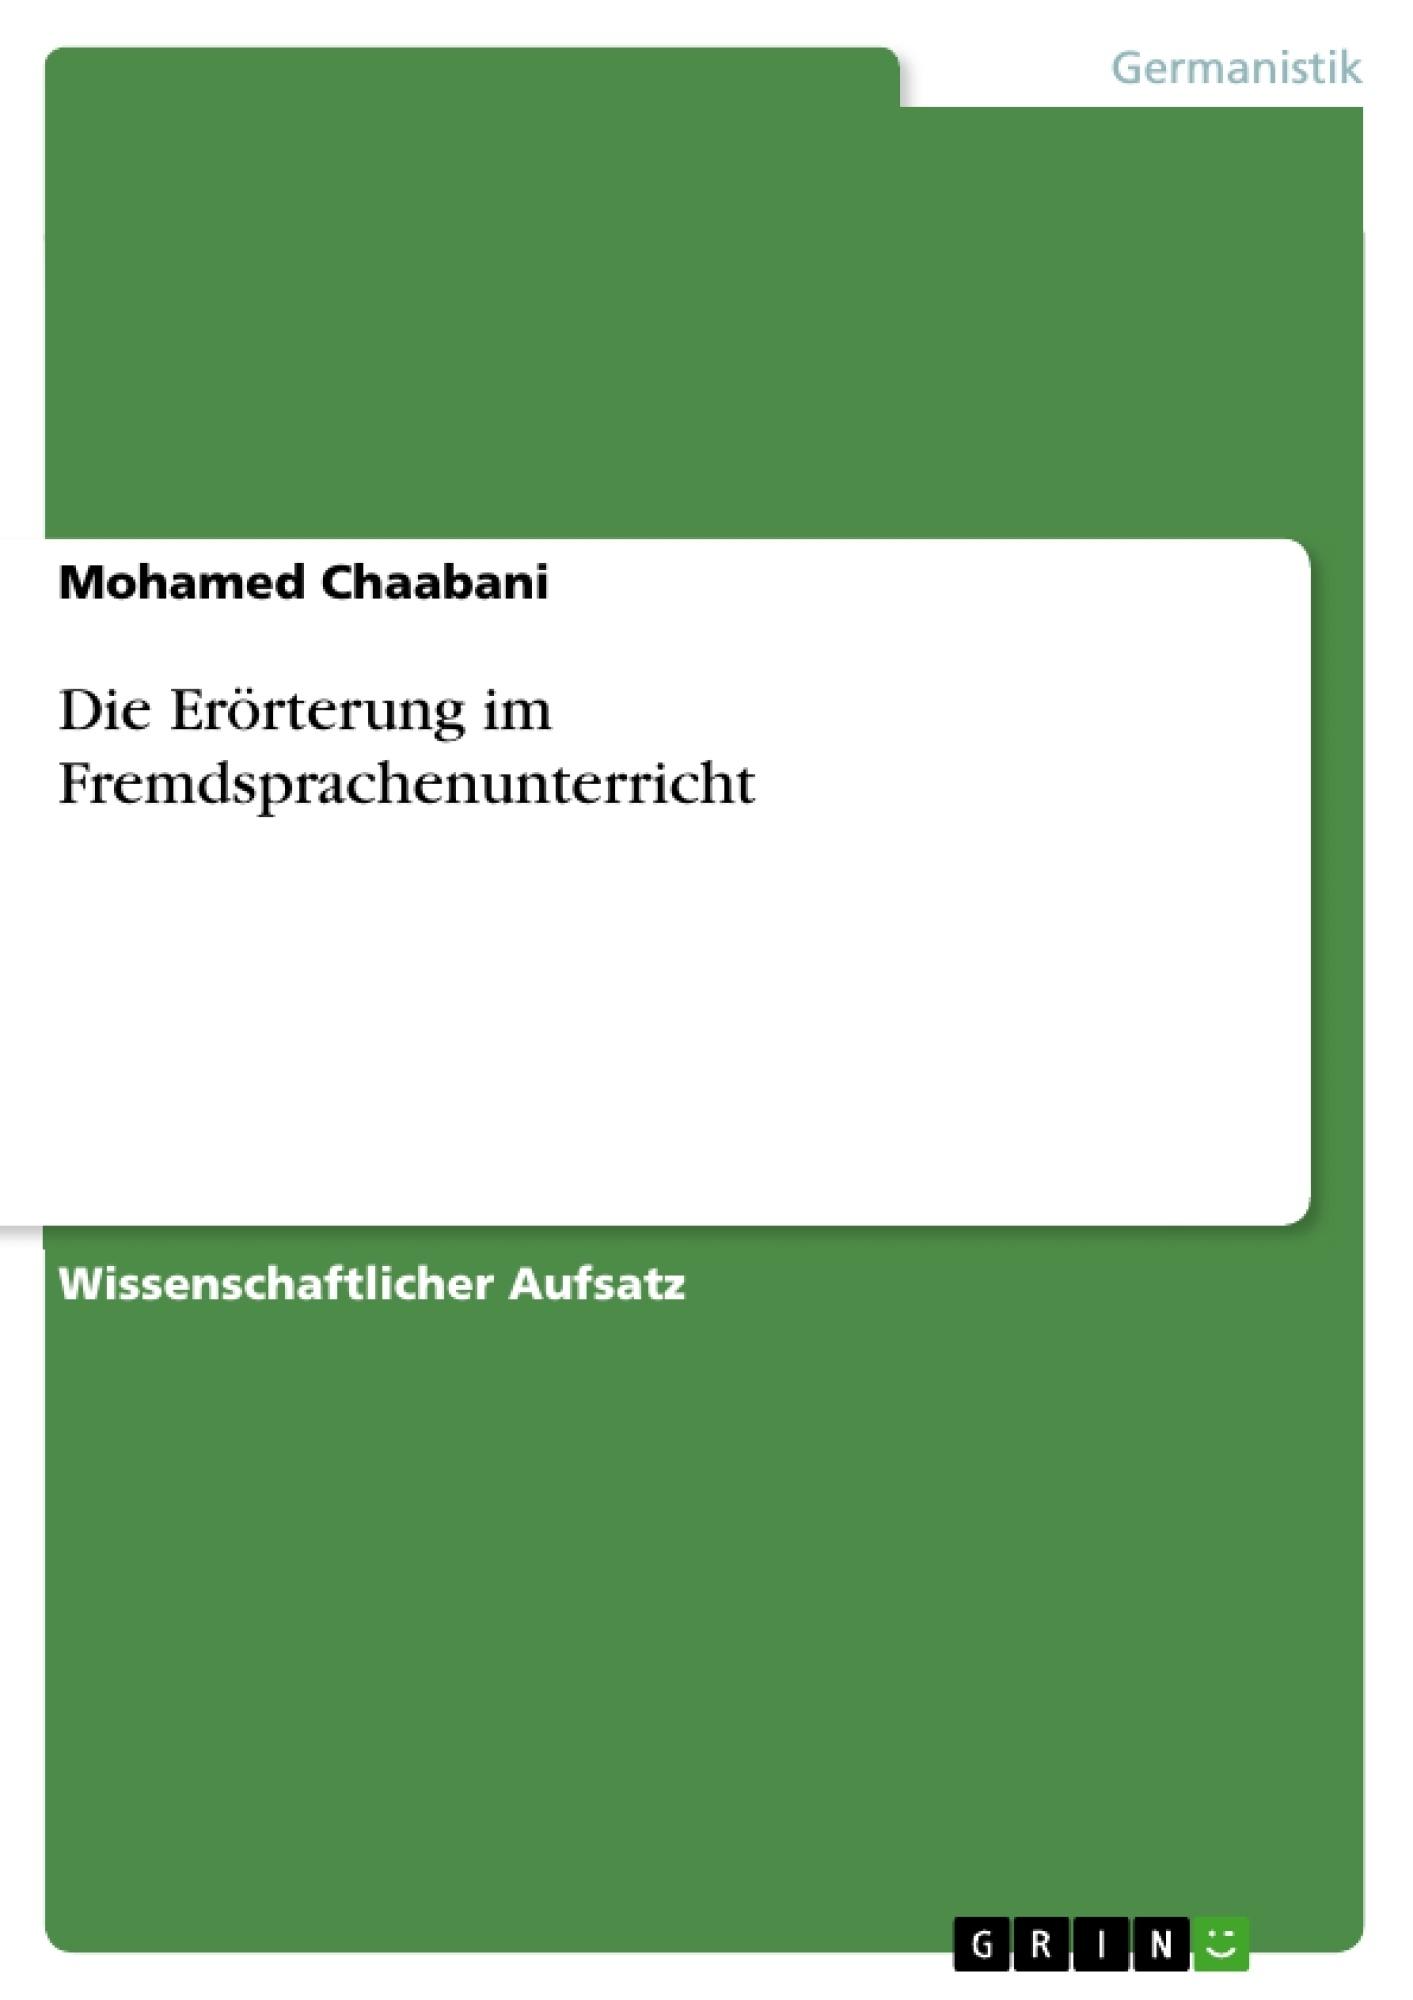 Titel: Die Erörterung im Fremdsprachenunterricht